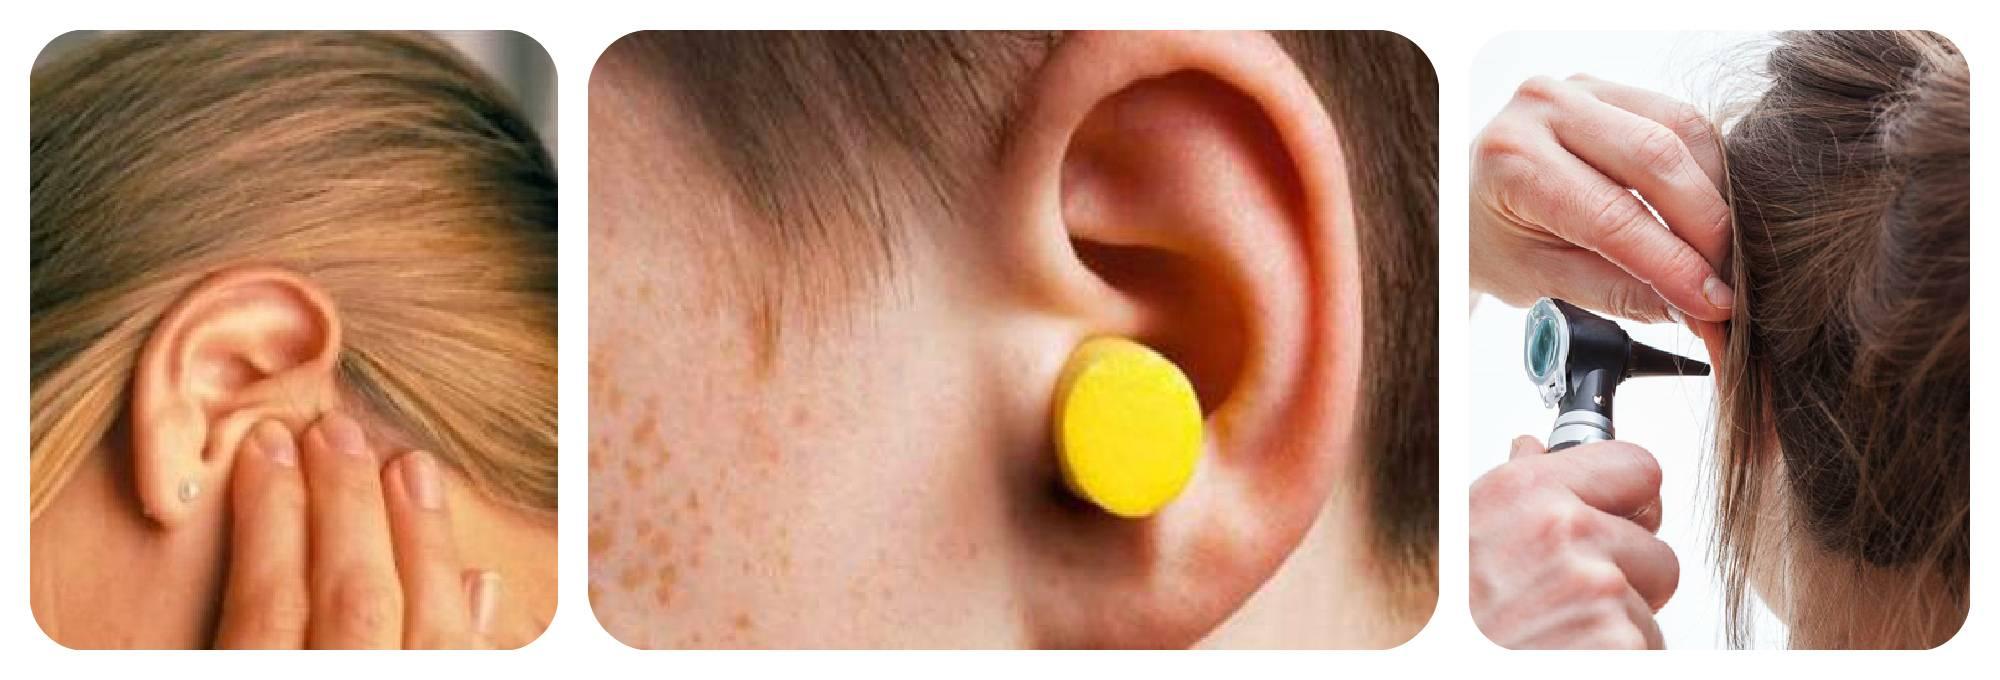 Почему заложило ухо после чистки или промывания и что с этим делать?